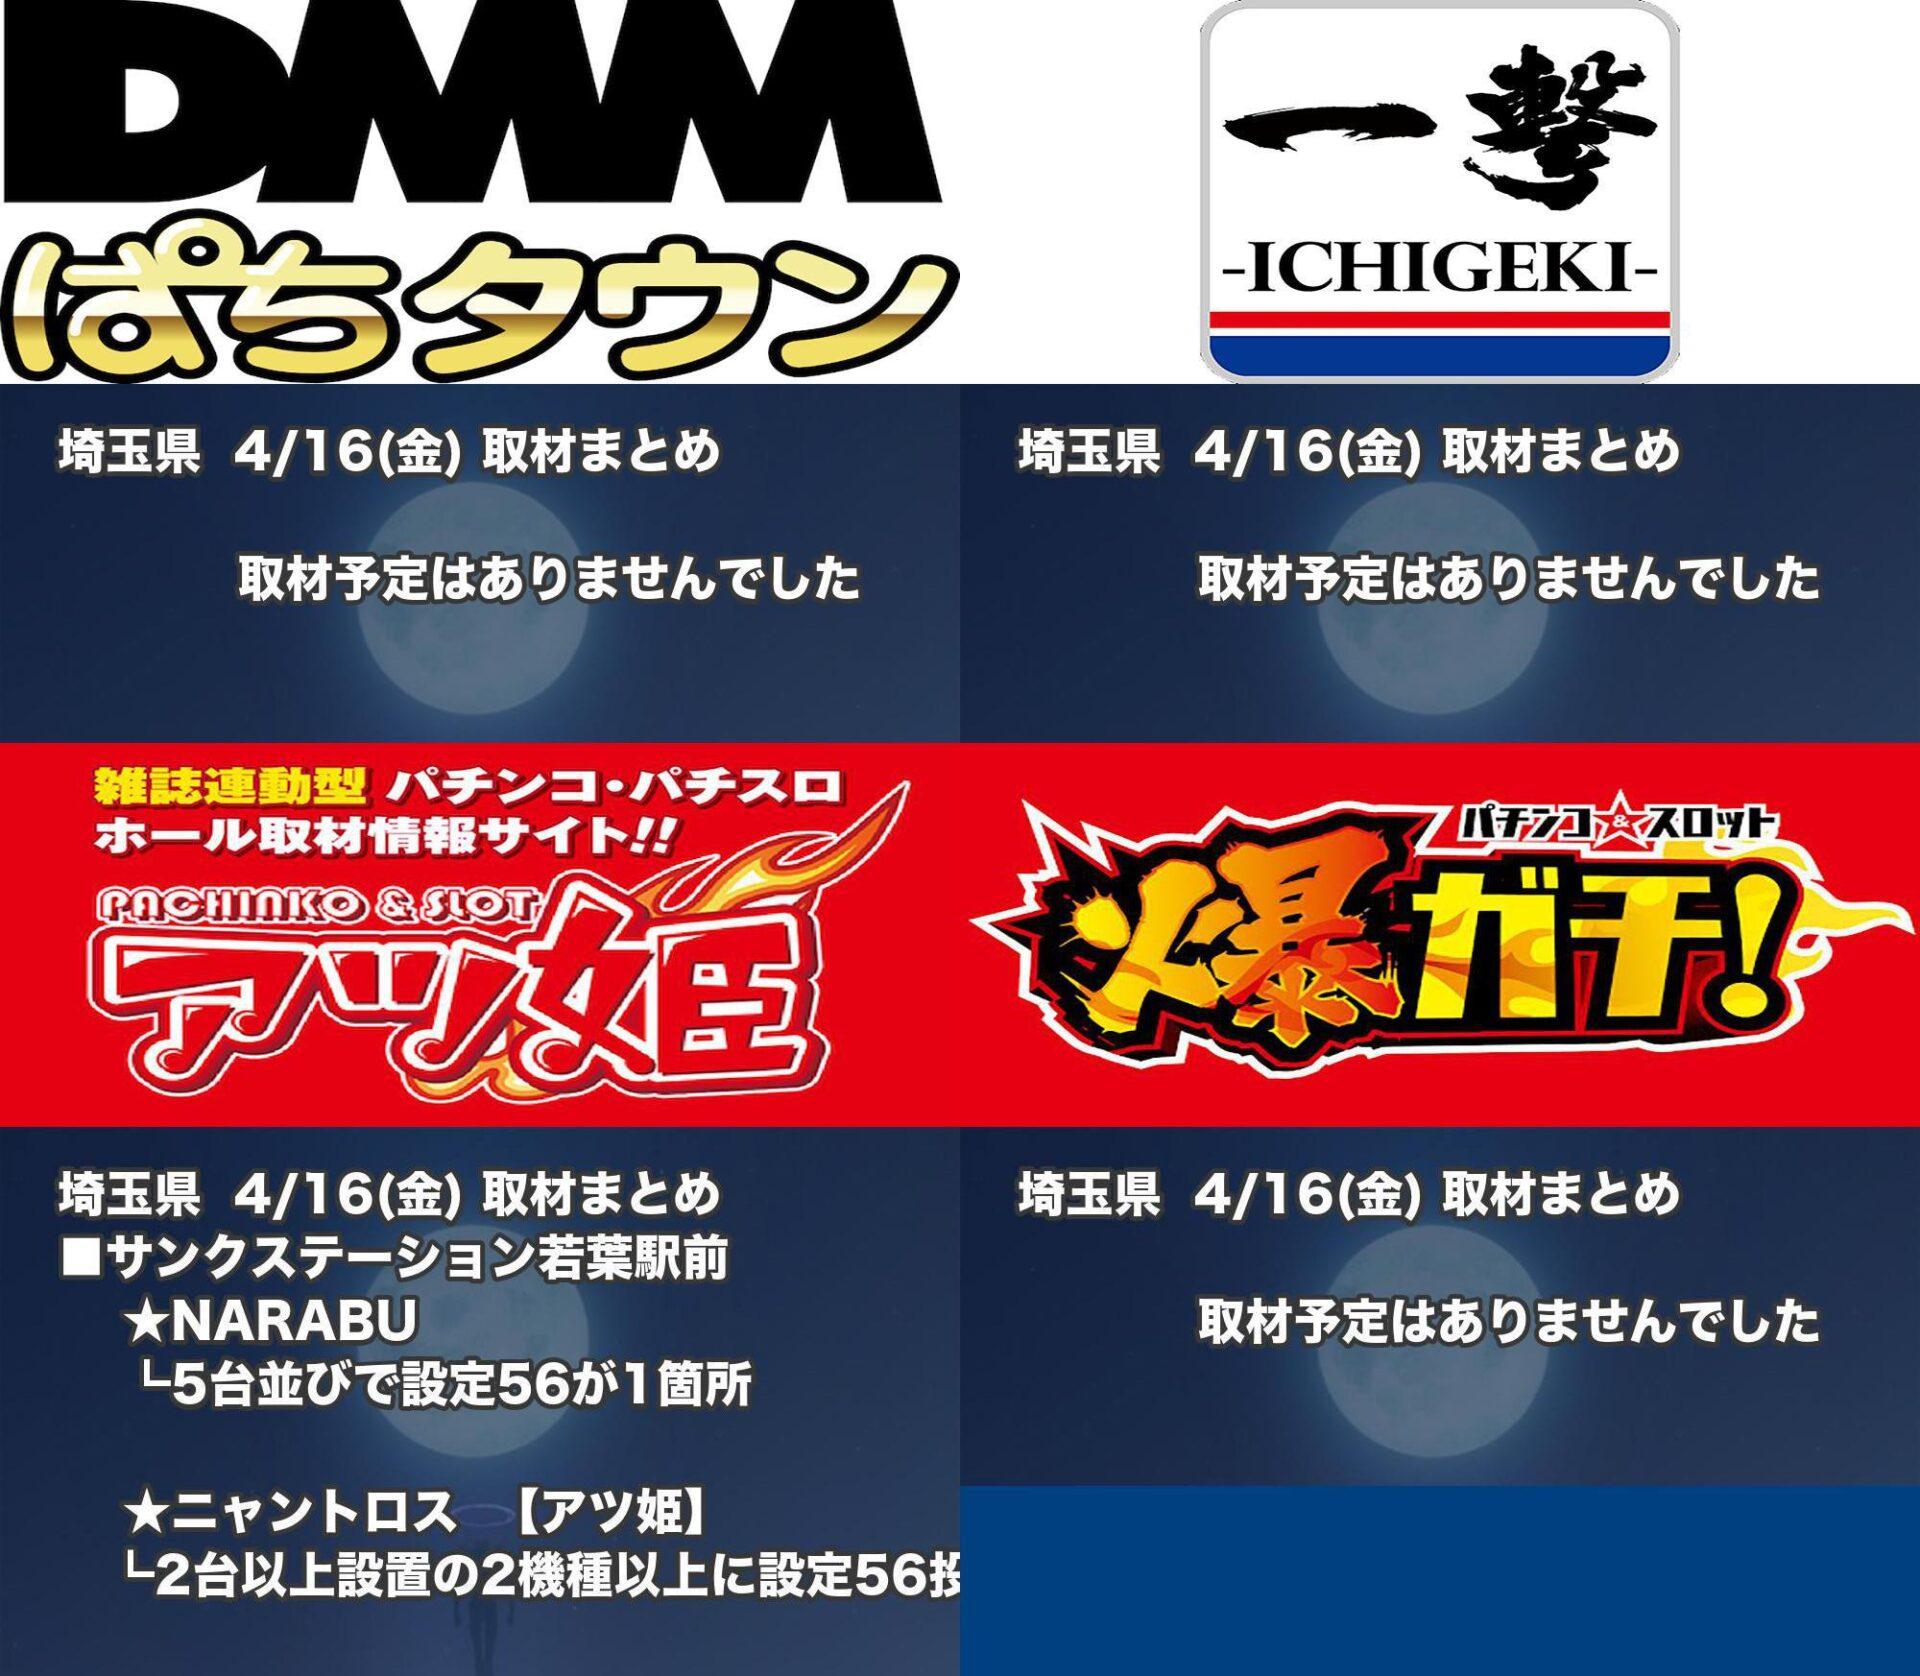 埼玉県_2021-04-16_パチンコ・パチスロ